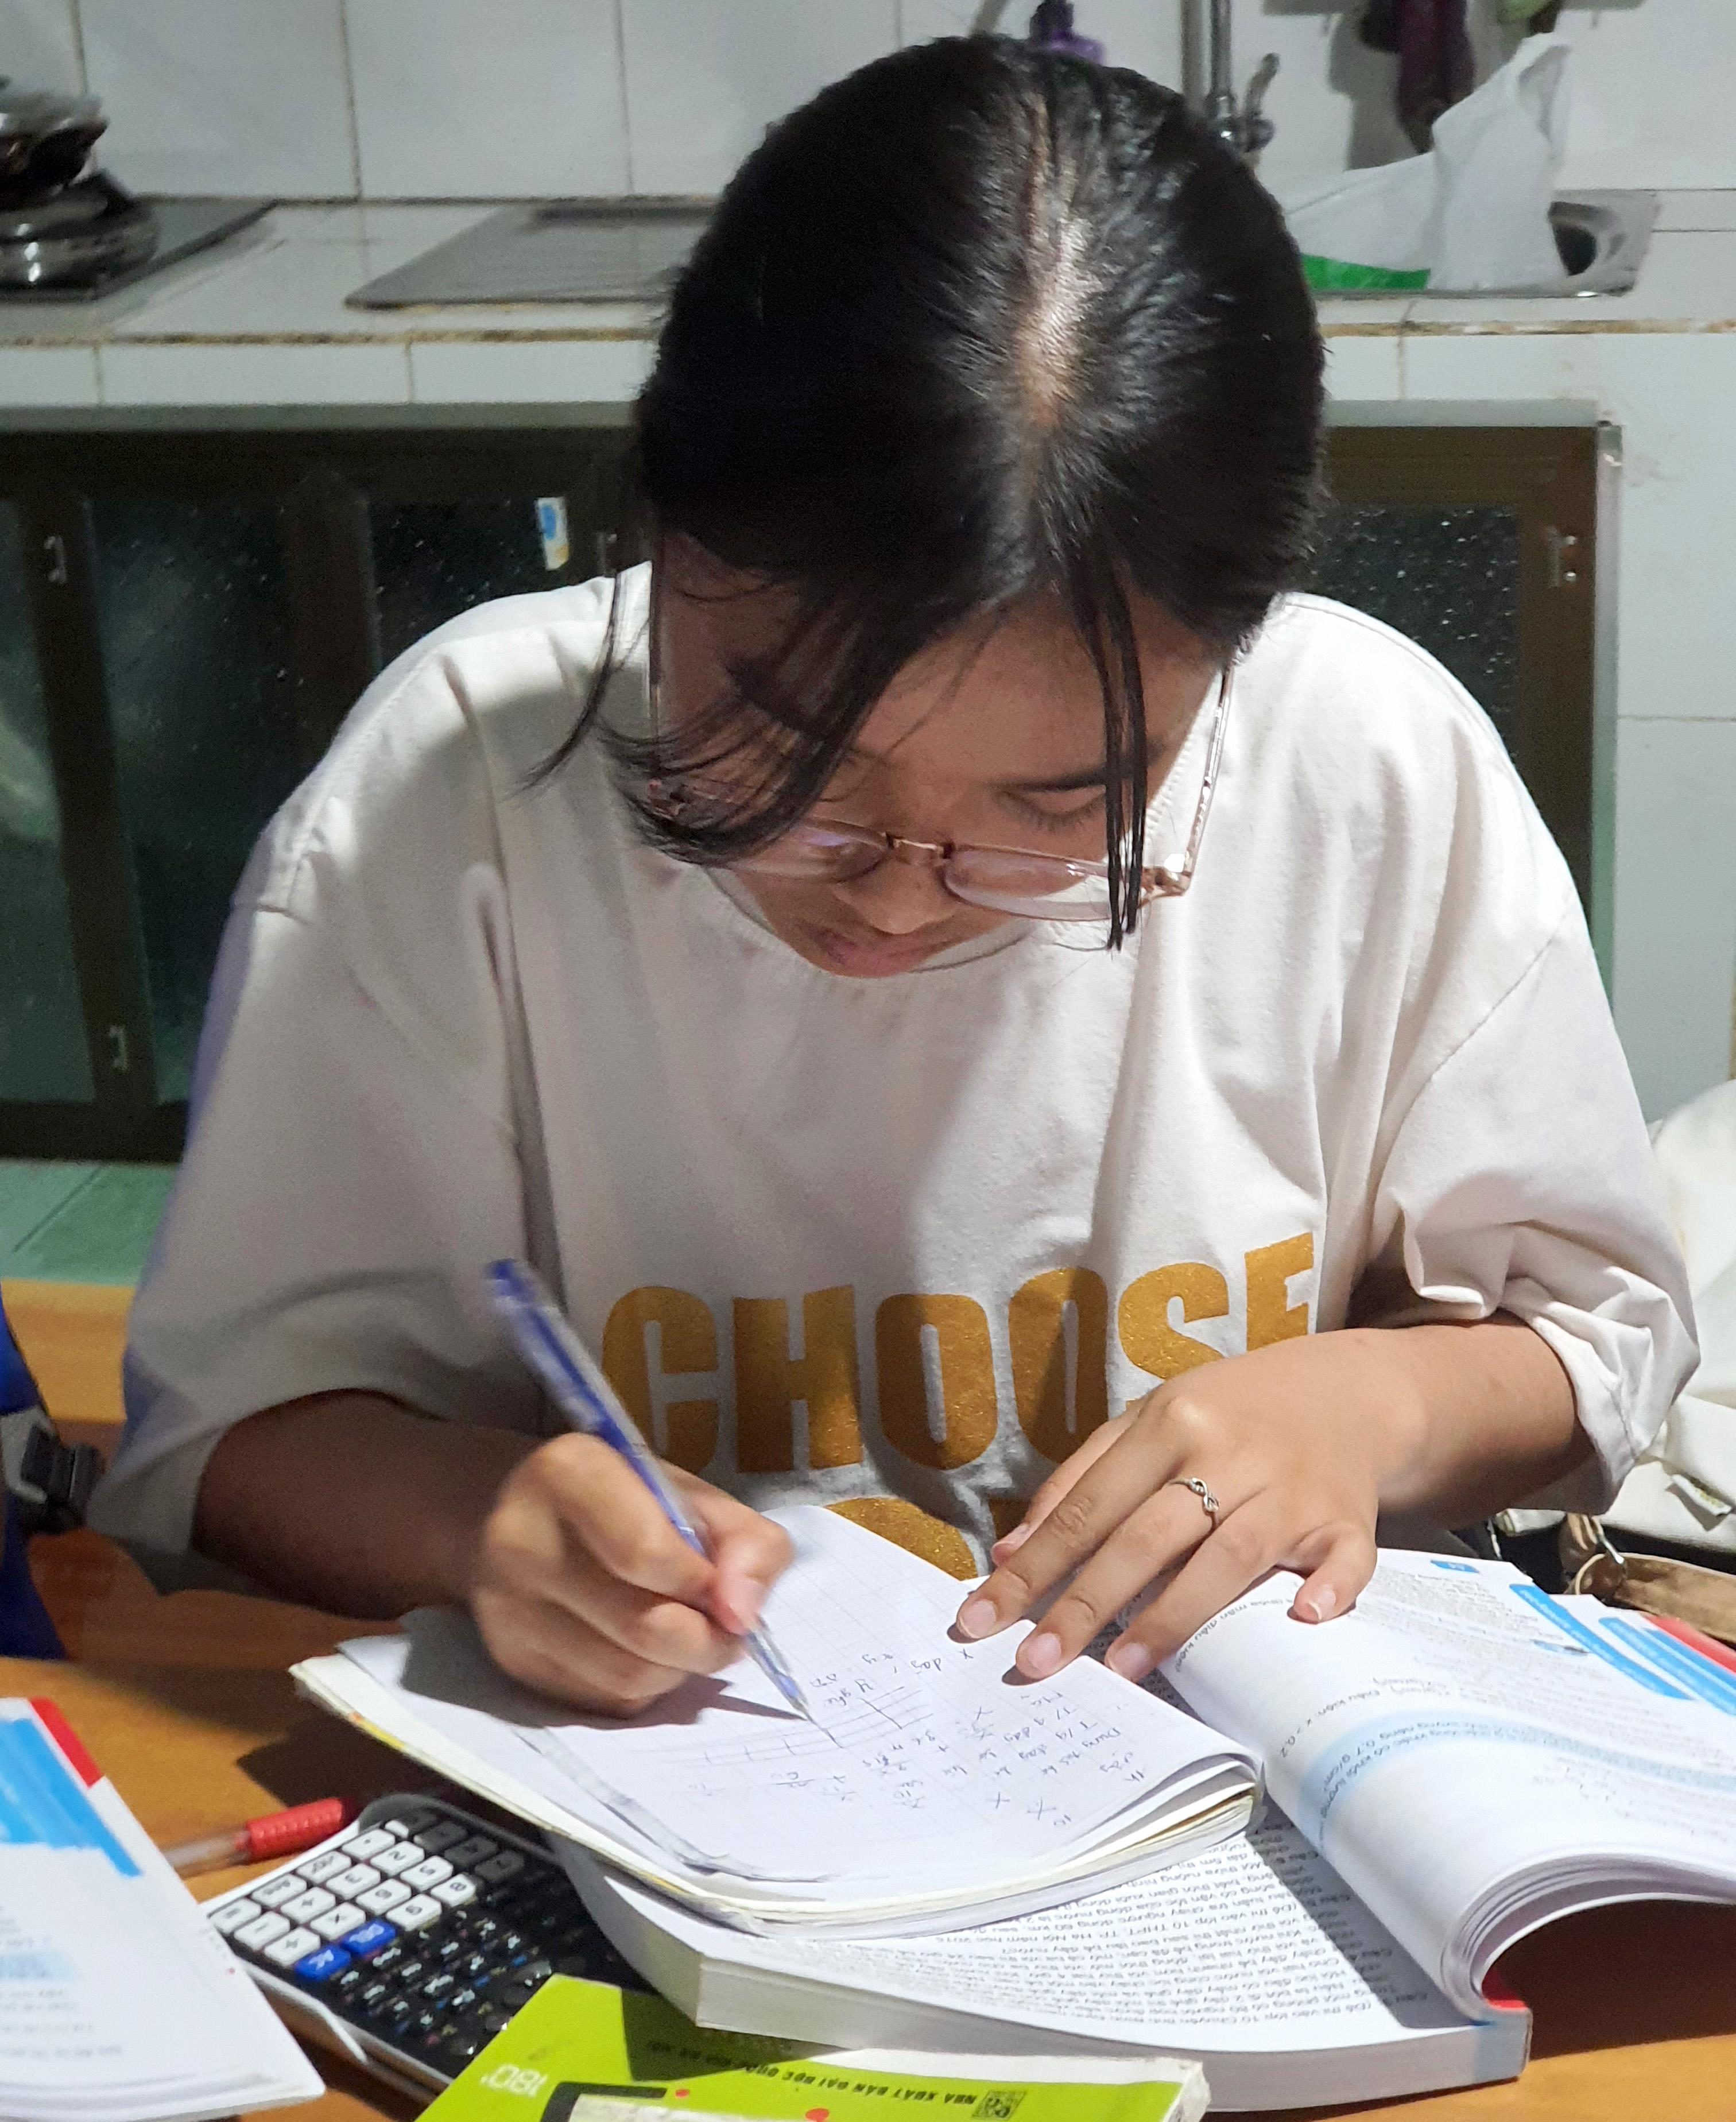 Em Nguyễn Thị Hồng Tâm, học sinh lớp 9 Trường THCS Cư Drăm đoạt giải Nhì môn Văn học sinh giỏi cấp tỉnh năm học 2020 - 2021.